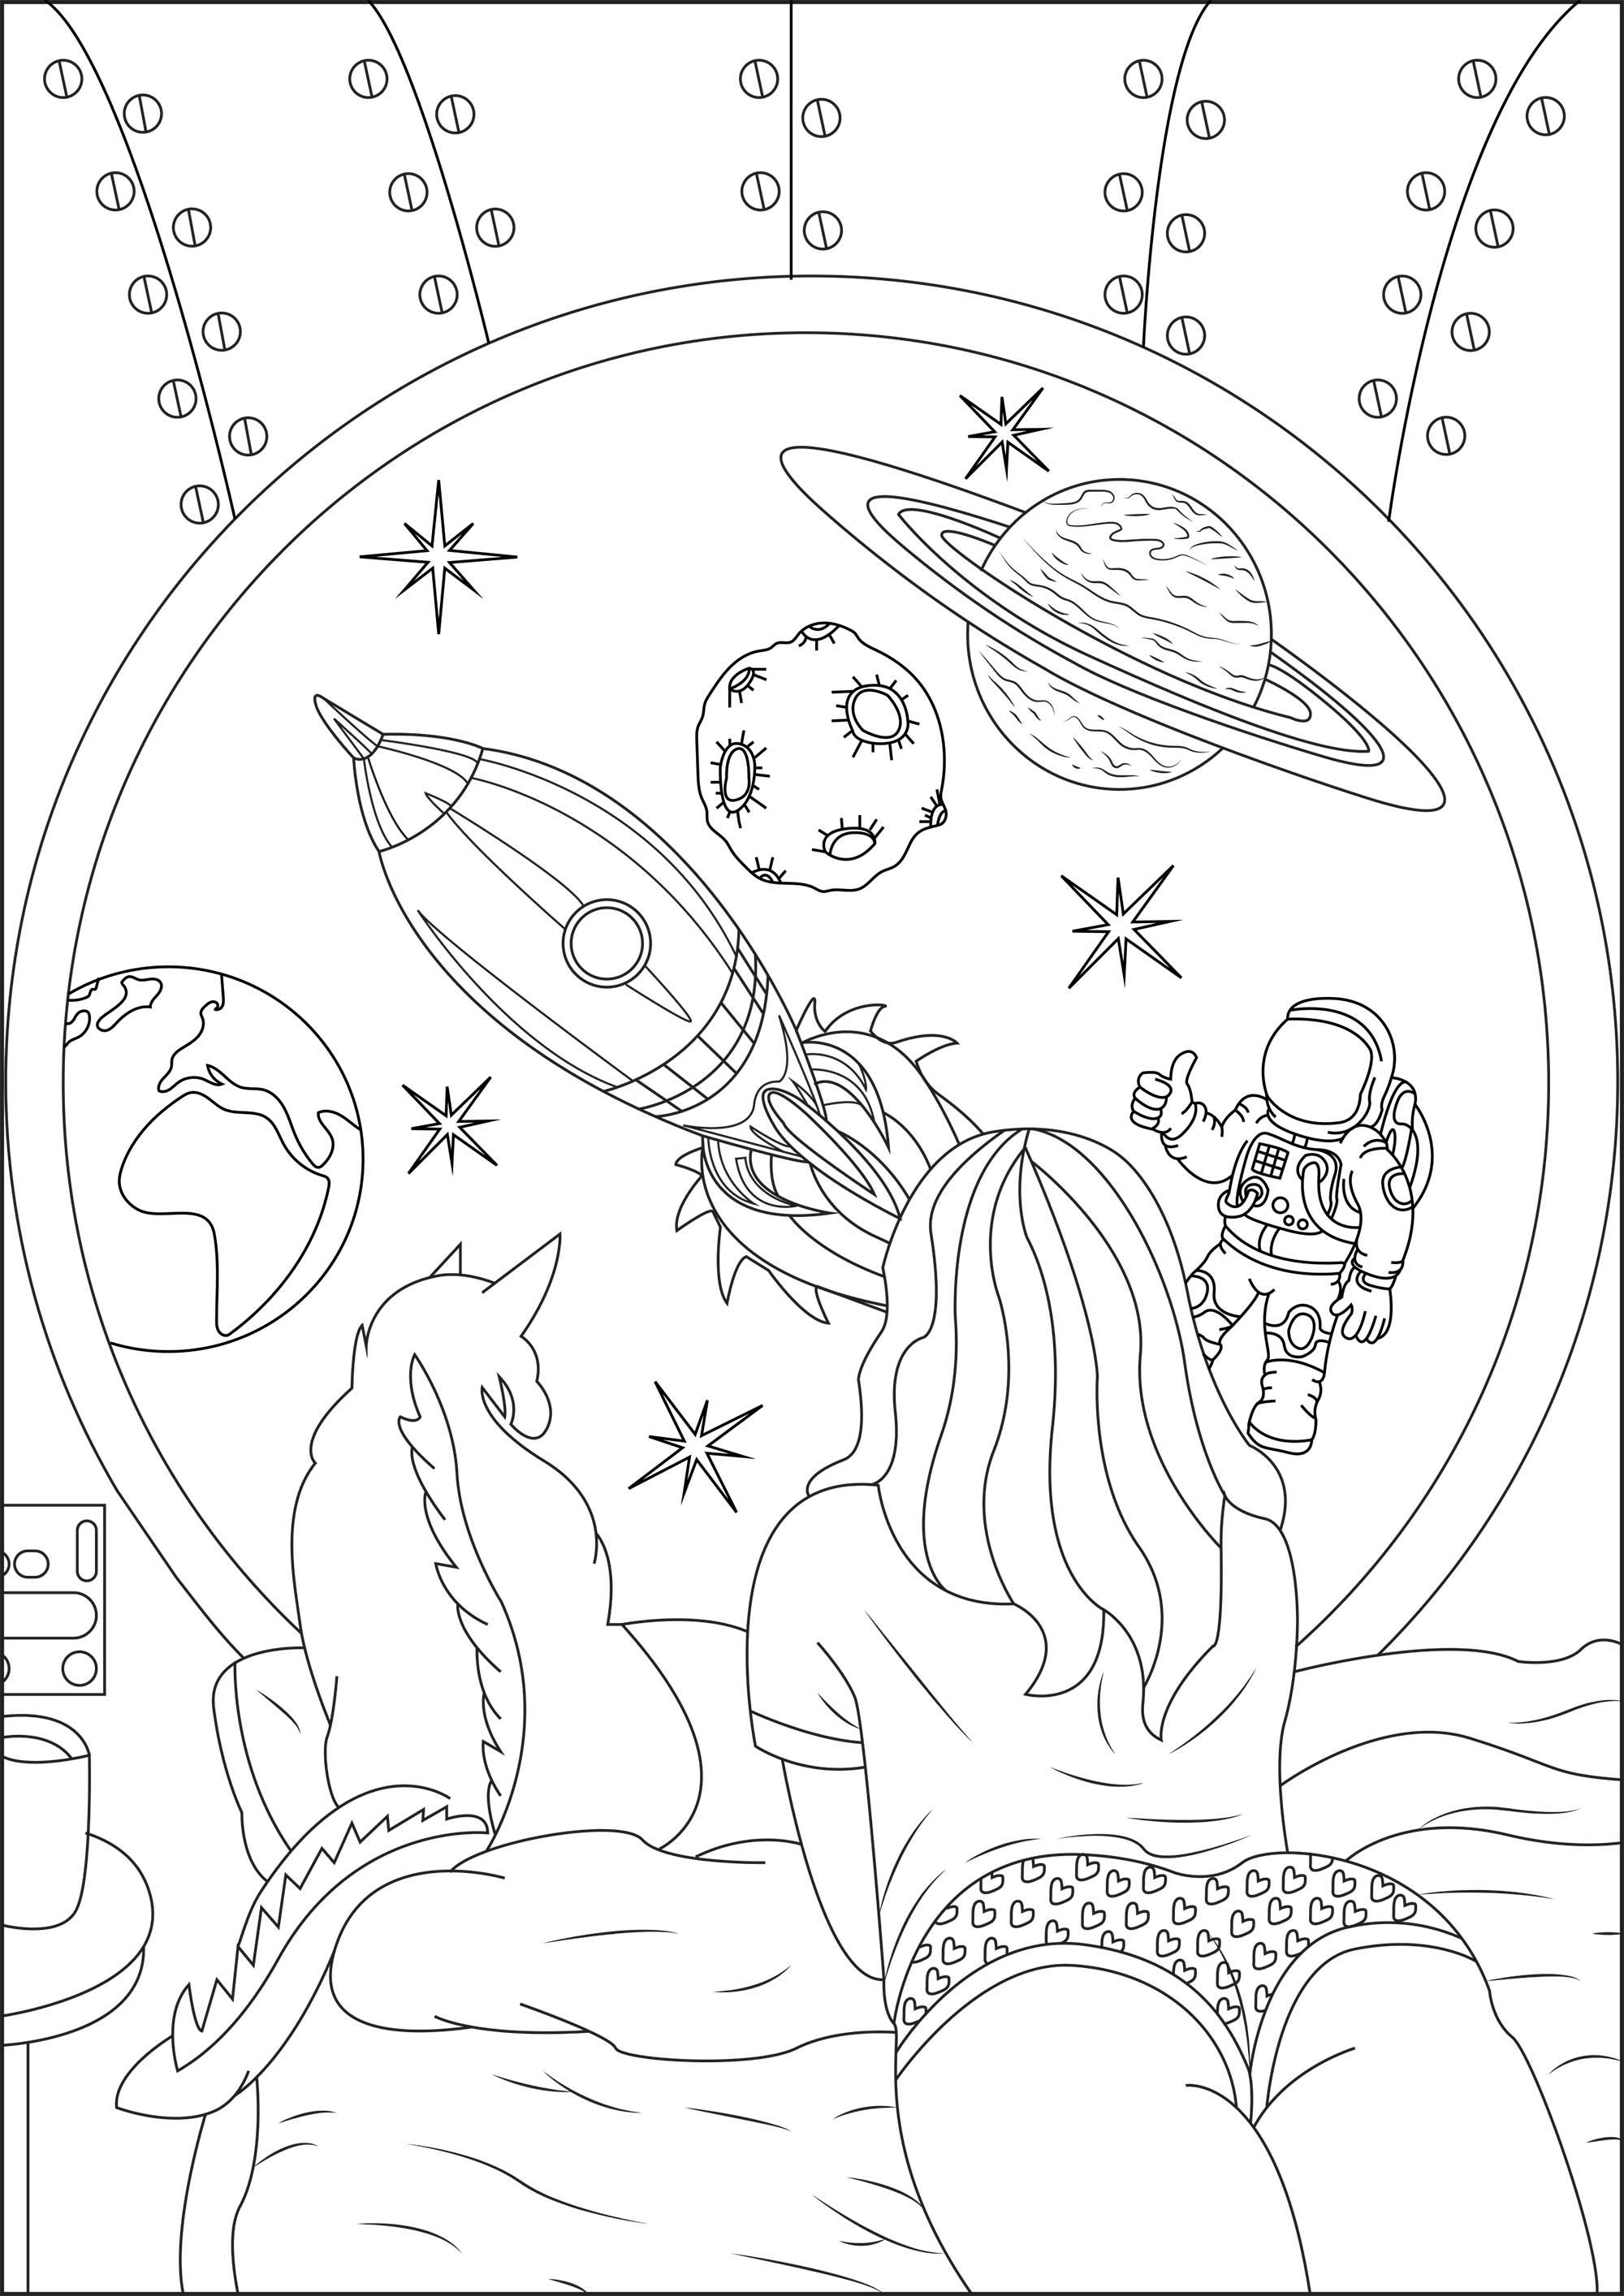 Coloriage Fille Avec Chat.Voyage Dans L Espace Anti Stress Art Therapie Coloriages